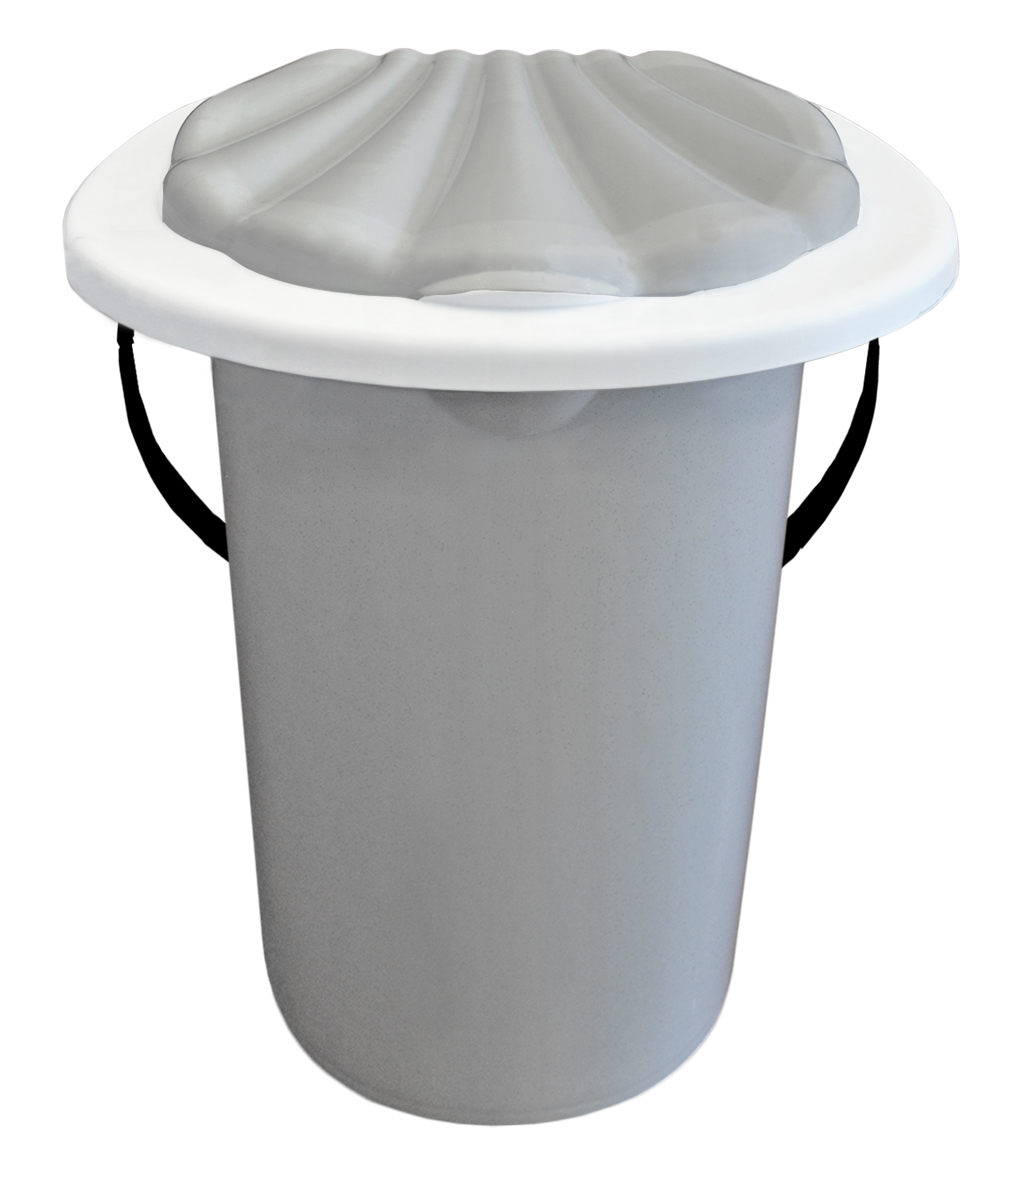 Ведро-туалет InGreen, цвет: мраморный, 20 лING4002ЖСТВедро-туалет InGreen выполнено из пластика. Это незаменимая вещь на даче, а также для пожилых людей и людей с ограниченными возможностями. Устойчивое и высокое ведро удобно в использовании. Ведро-туалет имеет эргономичное съемное сиденье - это позволит легко его мыть и сушить отдельно. Ведро снабжено крышкой, что препятствует распространению неприятных запахов. Прочный пластик выдержит даже людей с большим весом.